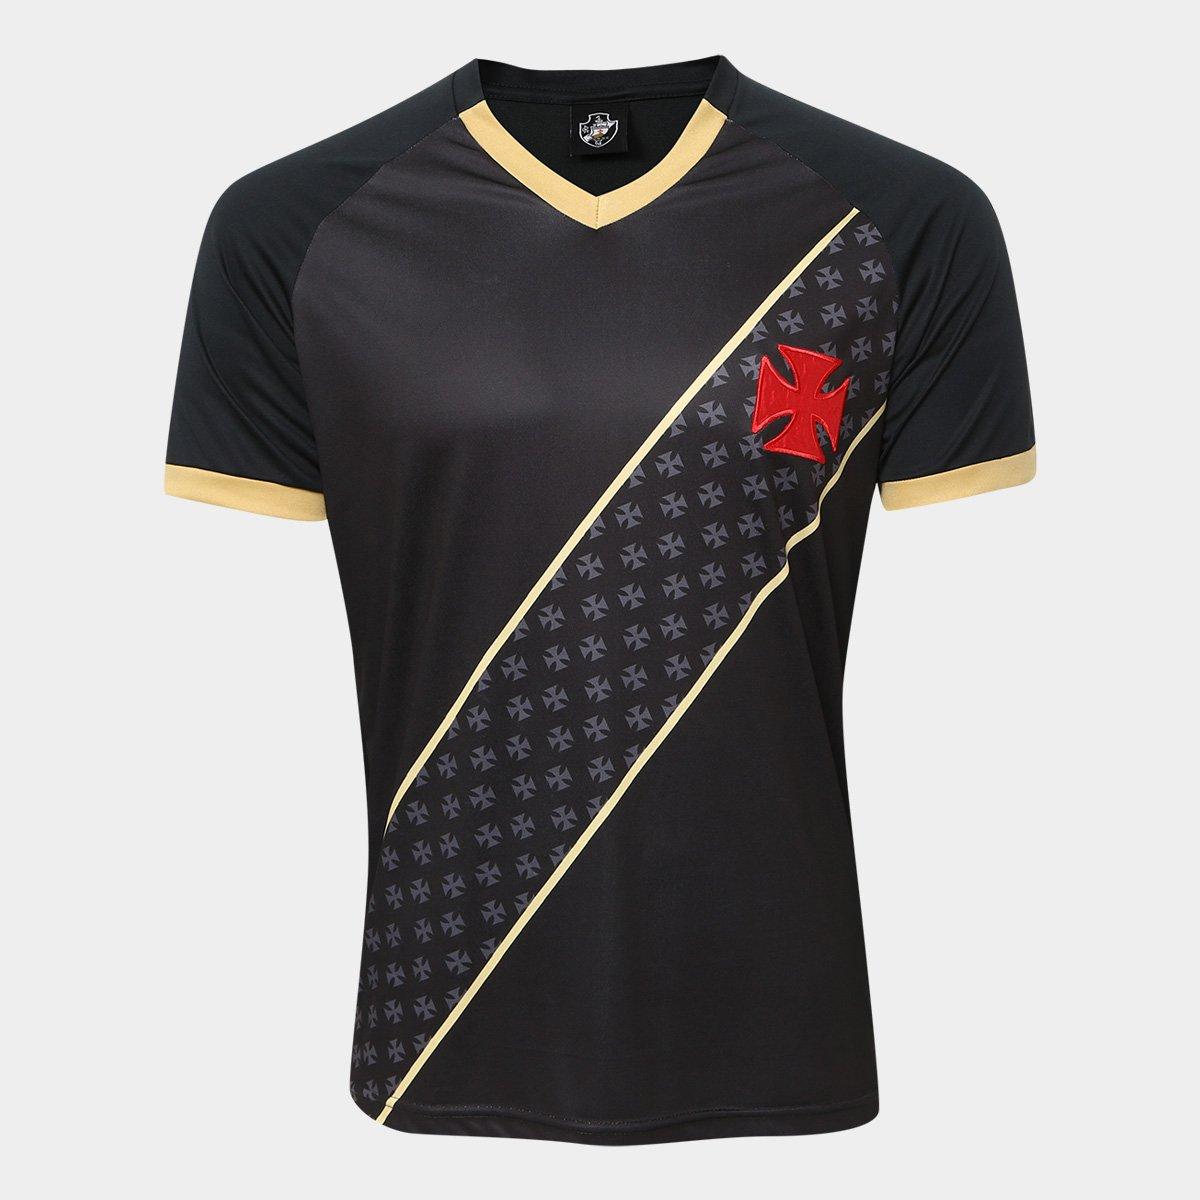 Camisa Vasco 2015 s n° Masculina - Preto e Dourado - Compre Agora ... 4fc09f2b87a50